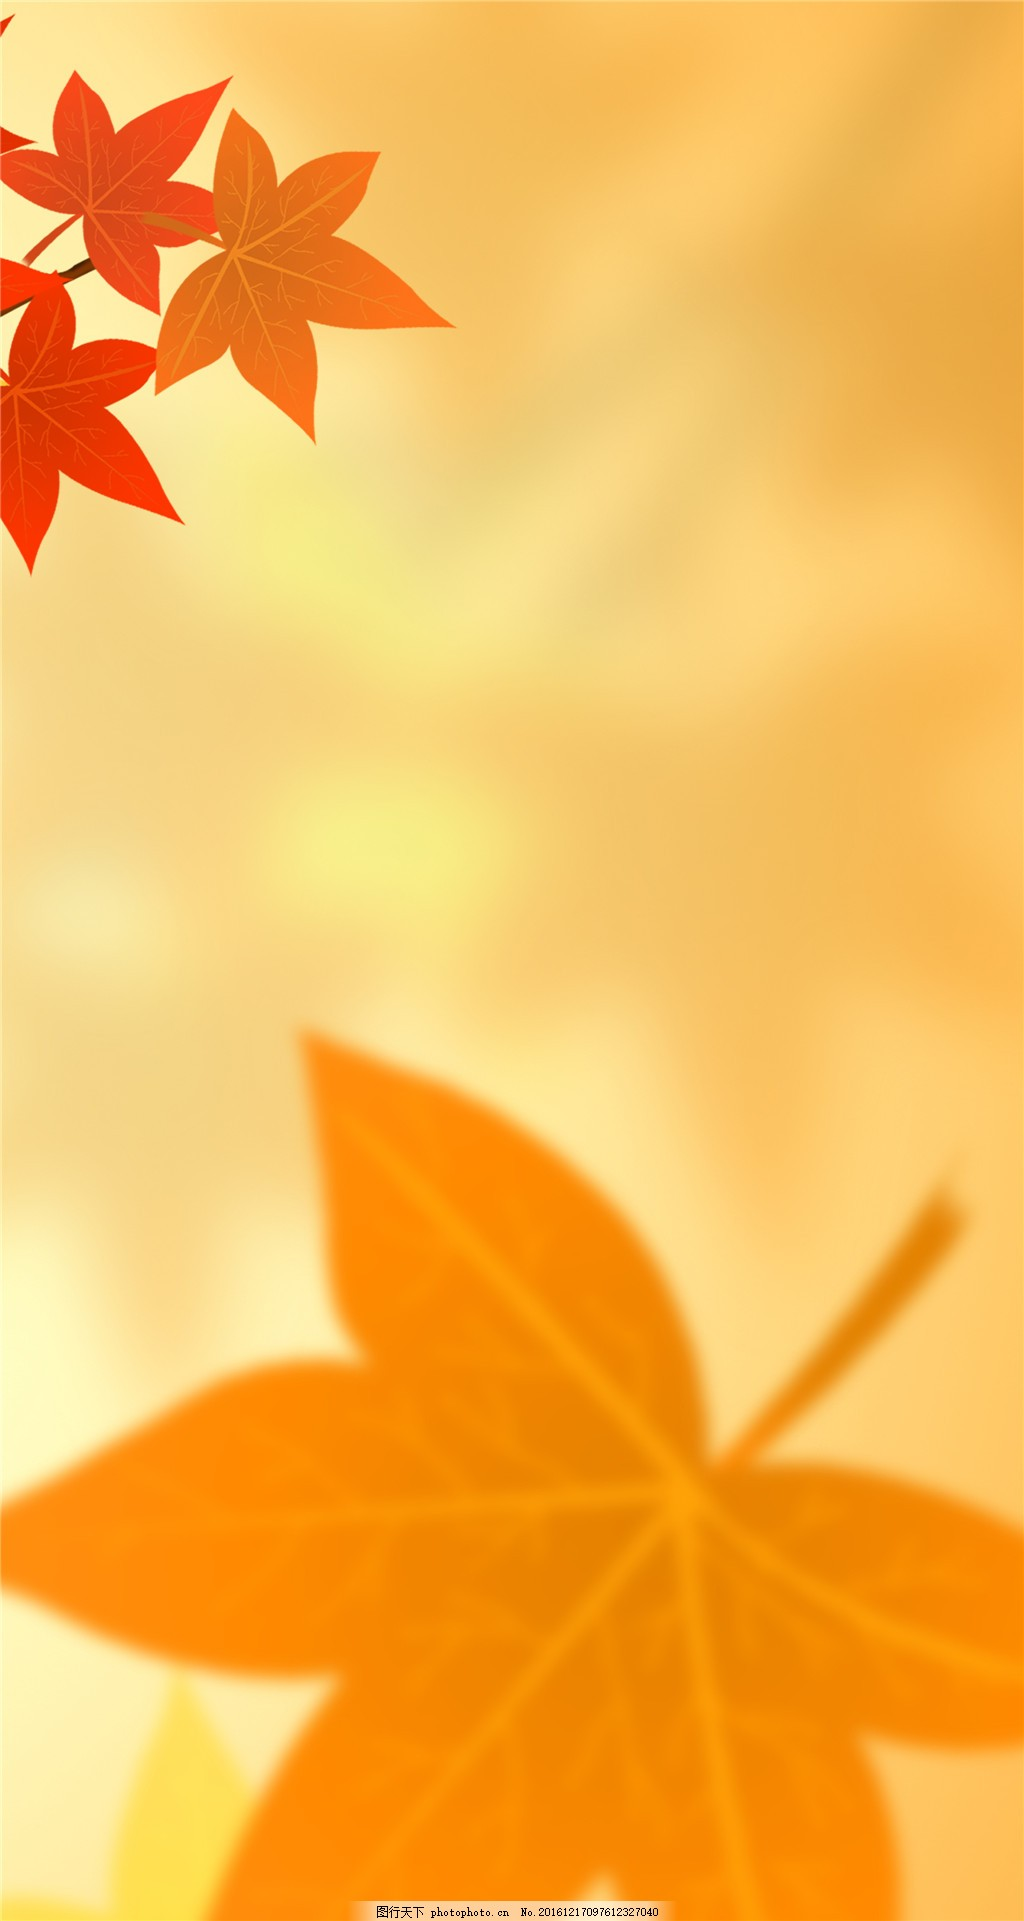 暖色调枫叶清新装饰画